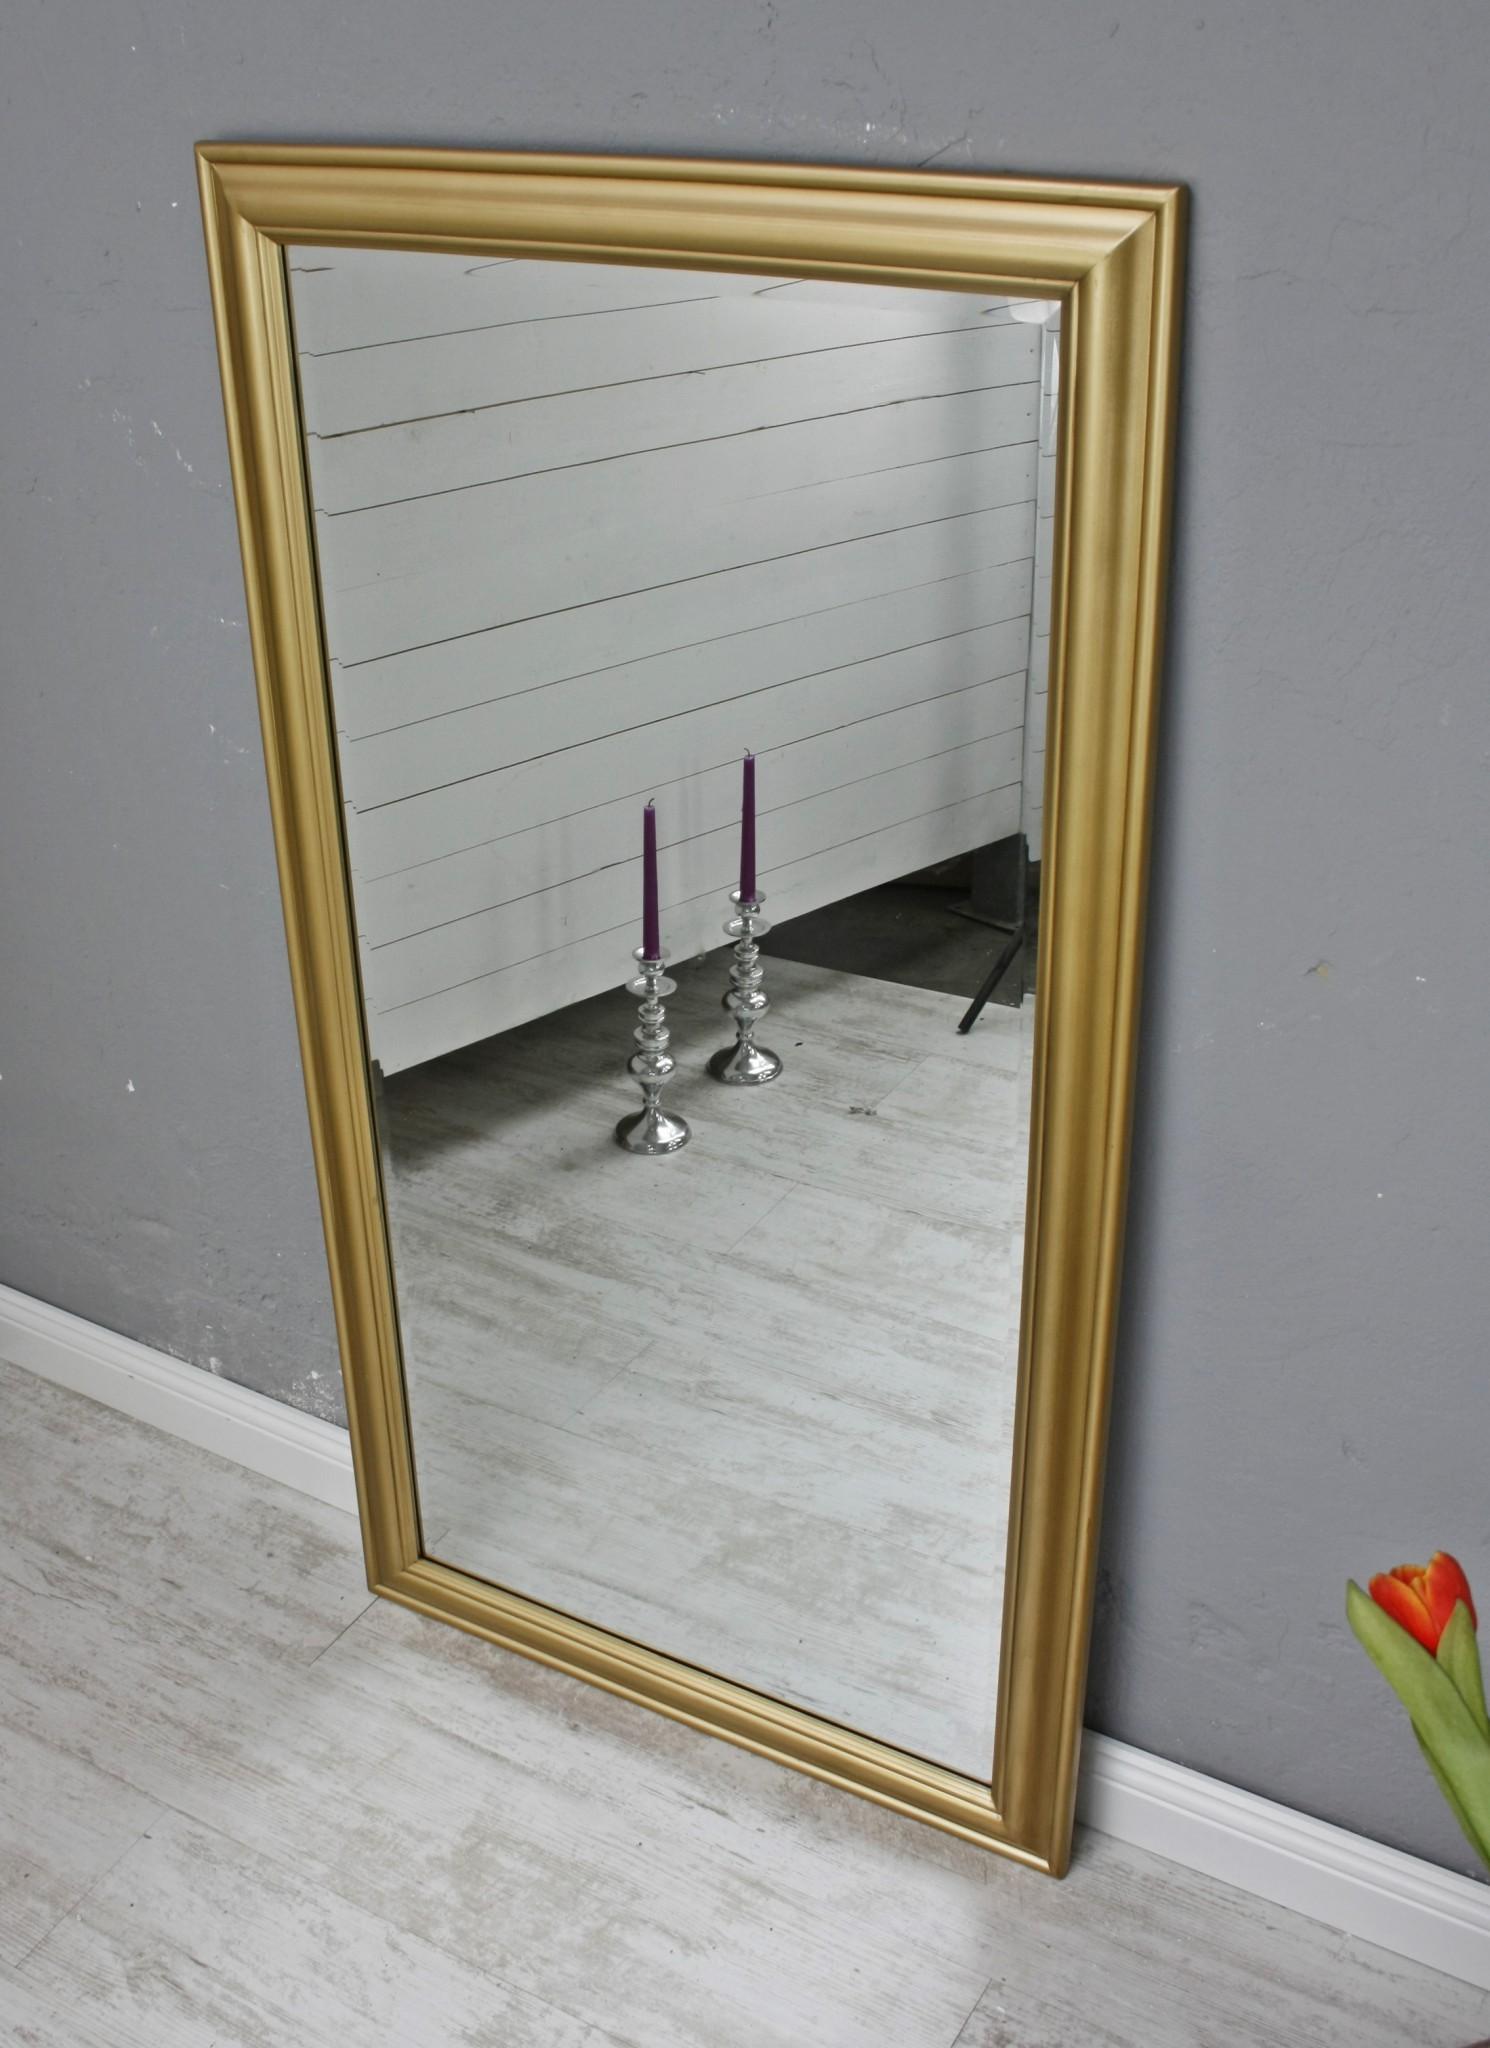 Spiegel gold schlicht 132cm - Spiegel gold ikea ...